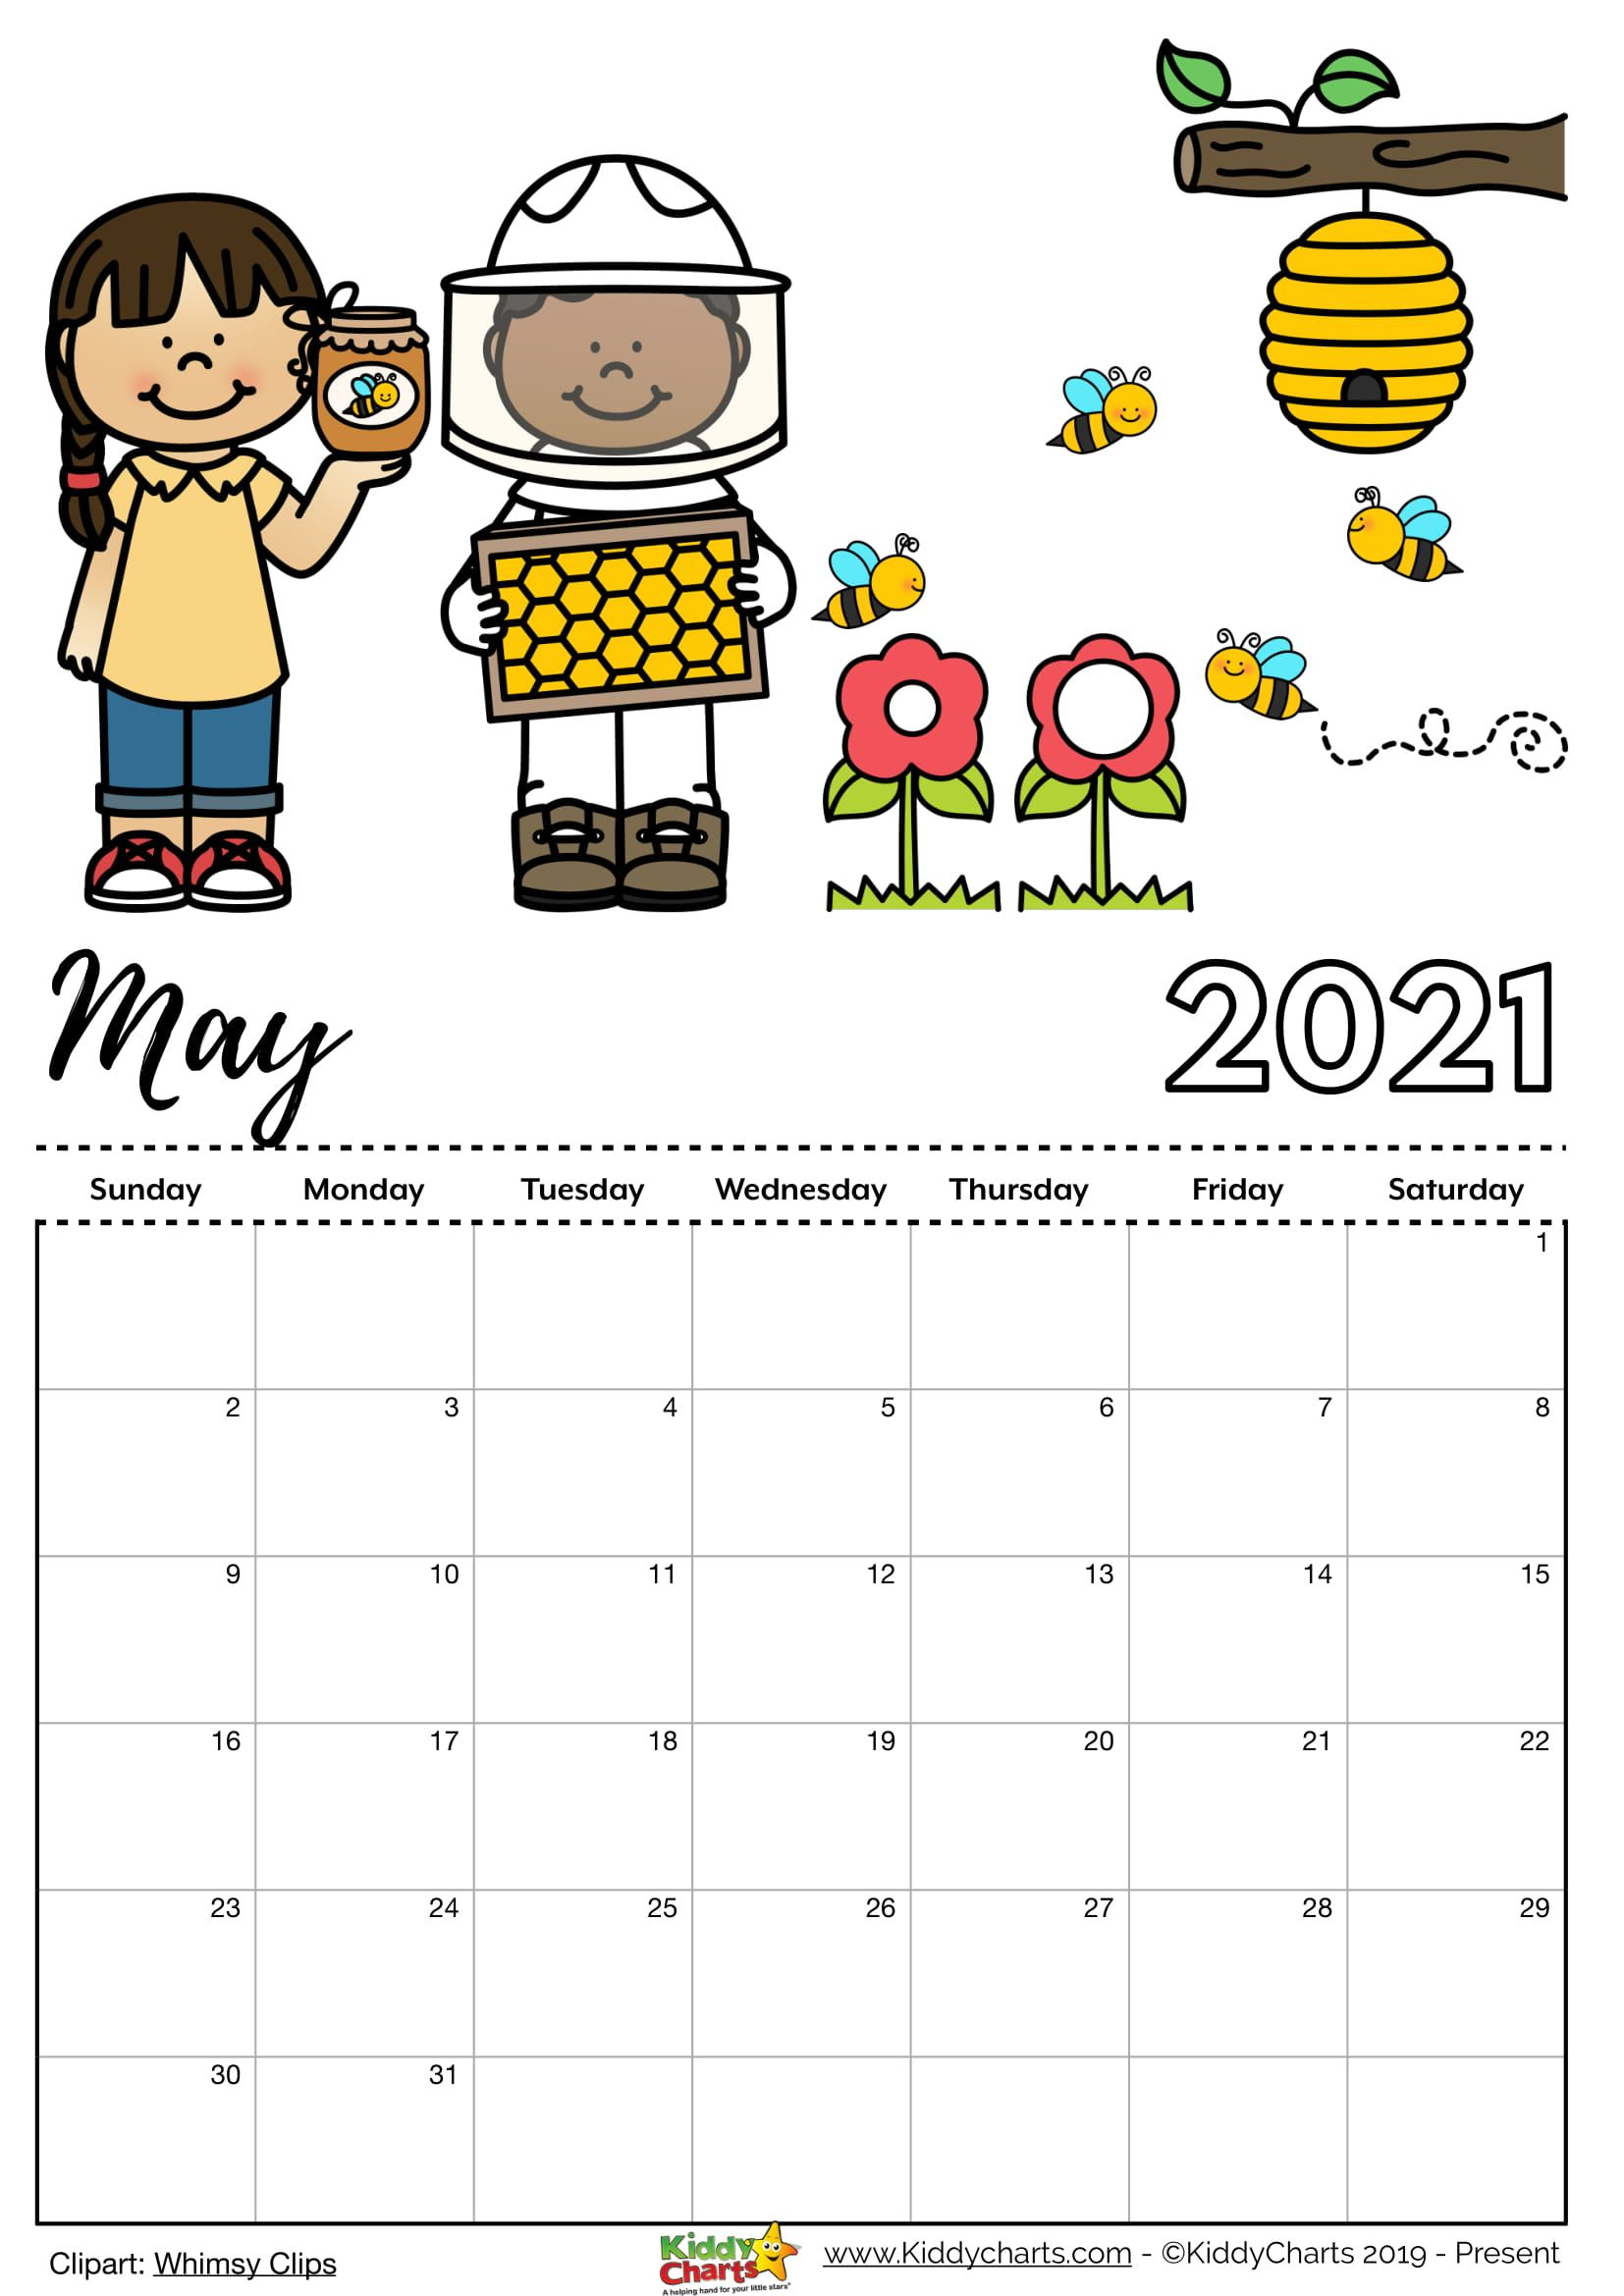 Free 2021 Cartoon Calendar Check our new free printable 2021 calendar! | Kids calendar